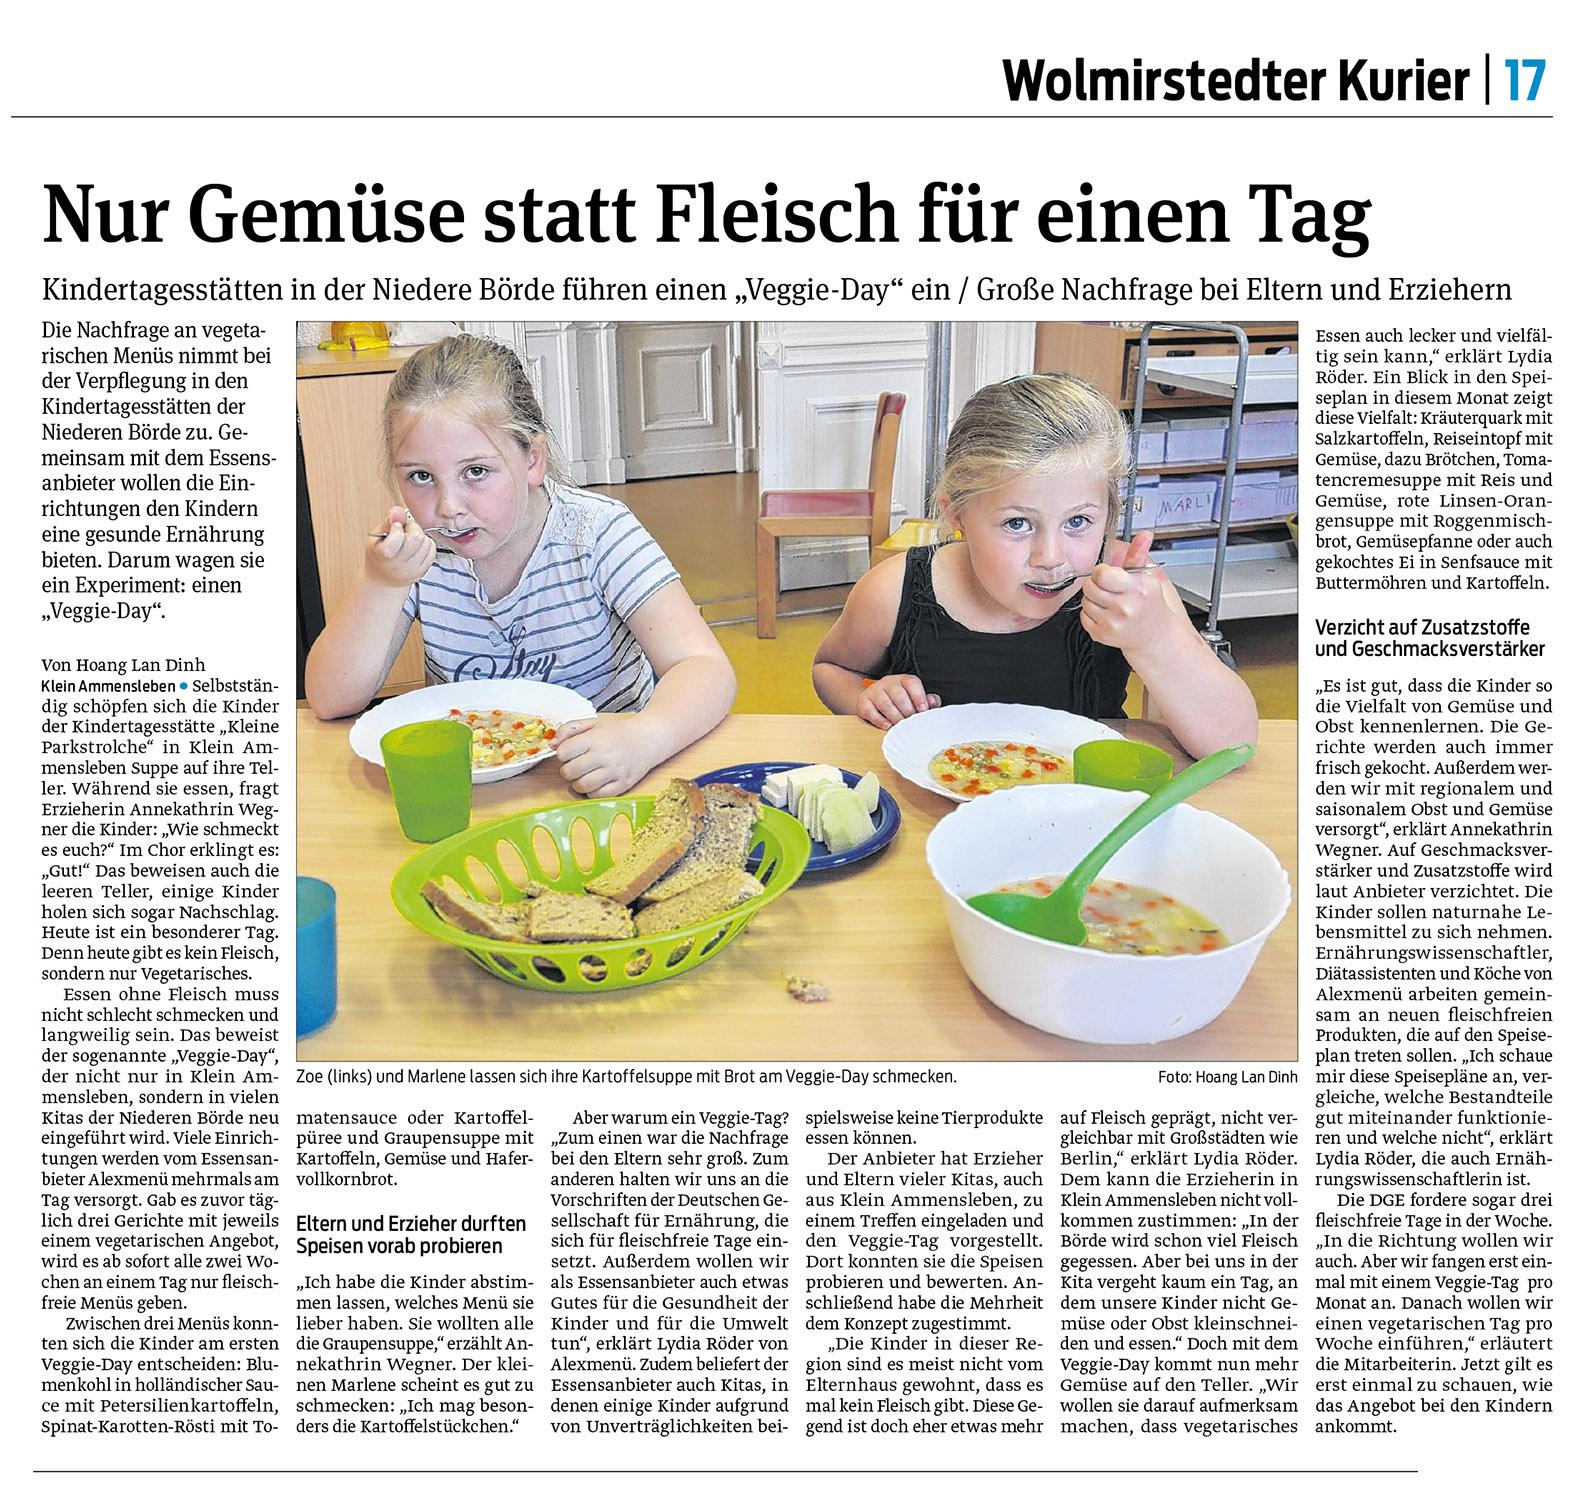 2019-07-05 Artikel Volksstimme Wolmirstedt Nur Gemüse statt Fleisch für einen Tag